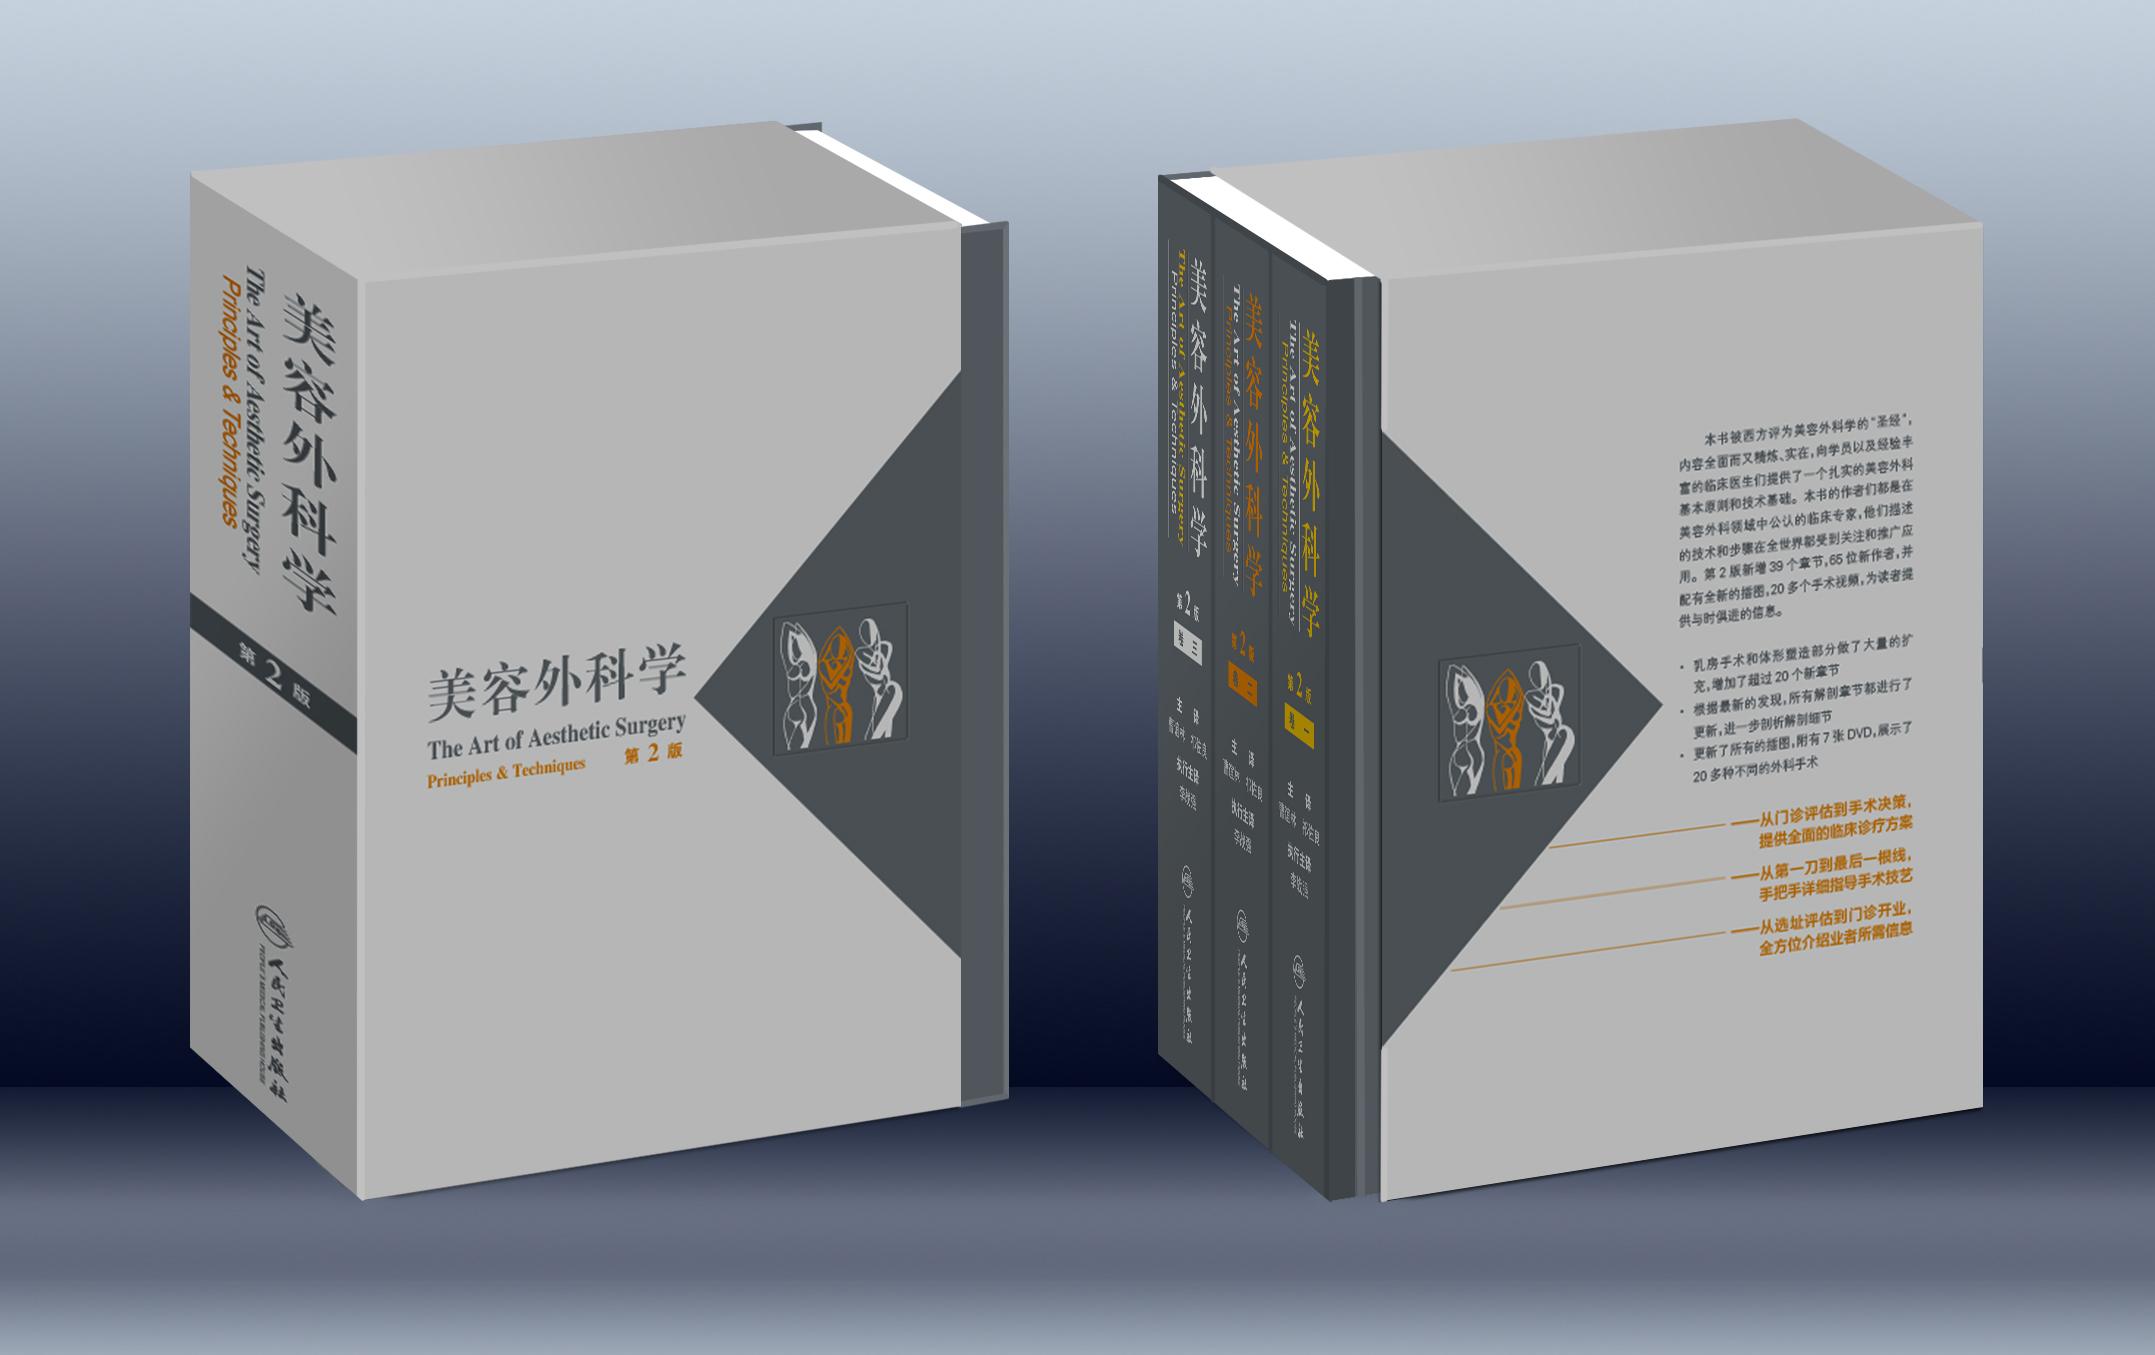 包装 包装设计 设计 2155_1355图片